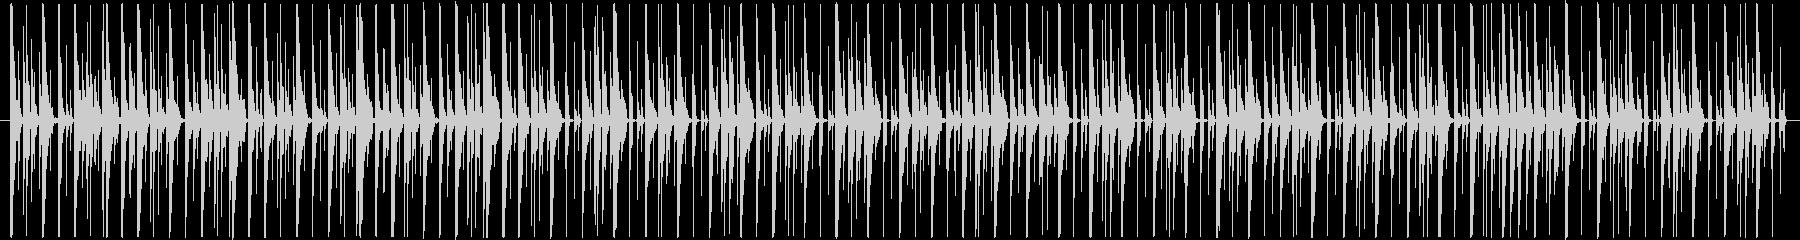 ほのぼのとしてコミカルなBGMの未再生の波形